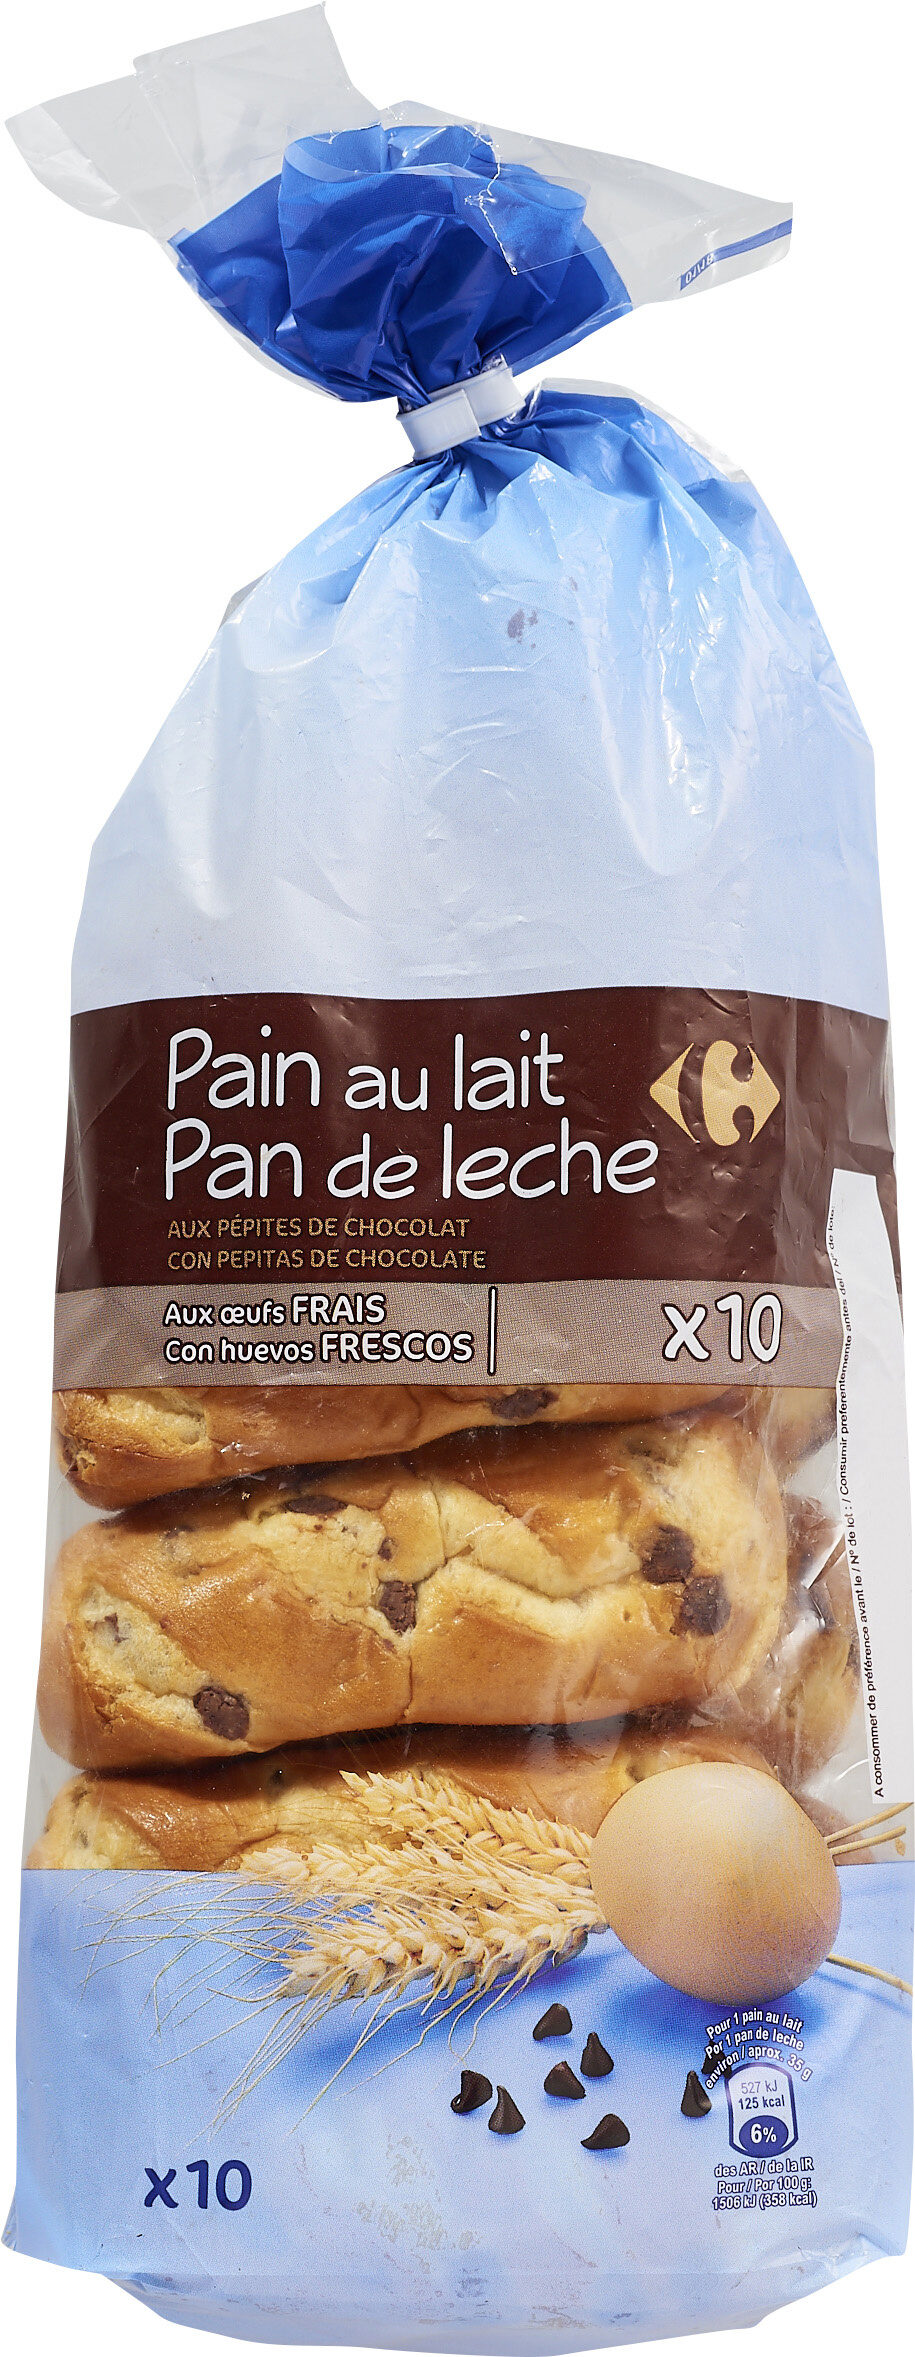 Pain au lait aux pépites de chocolat - Product - fr